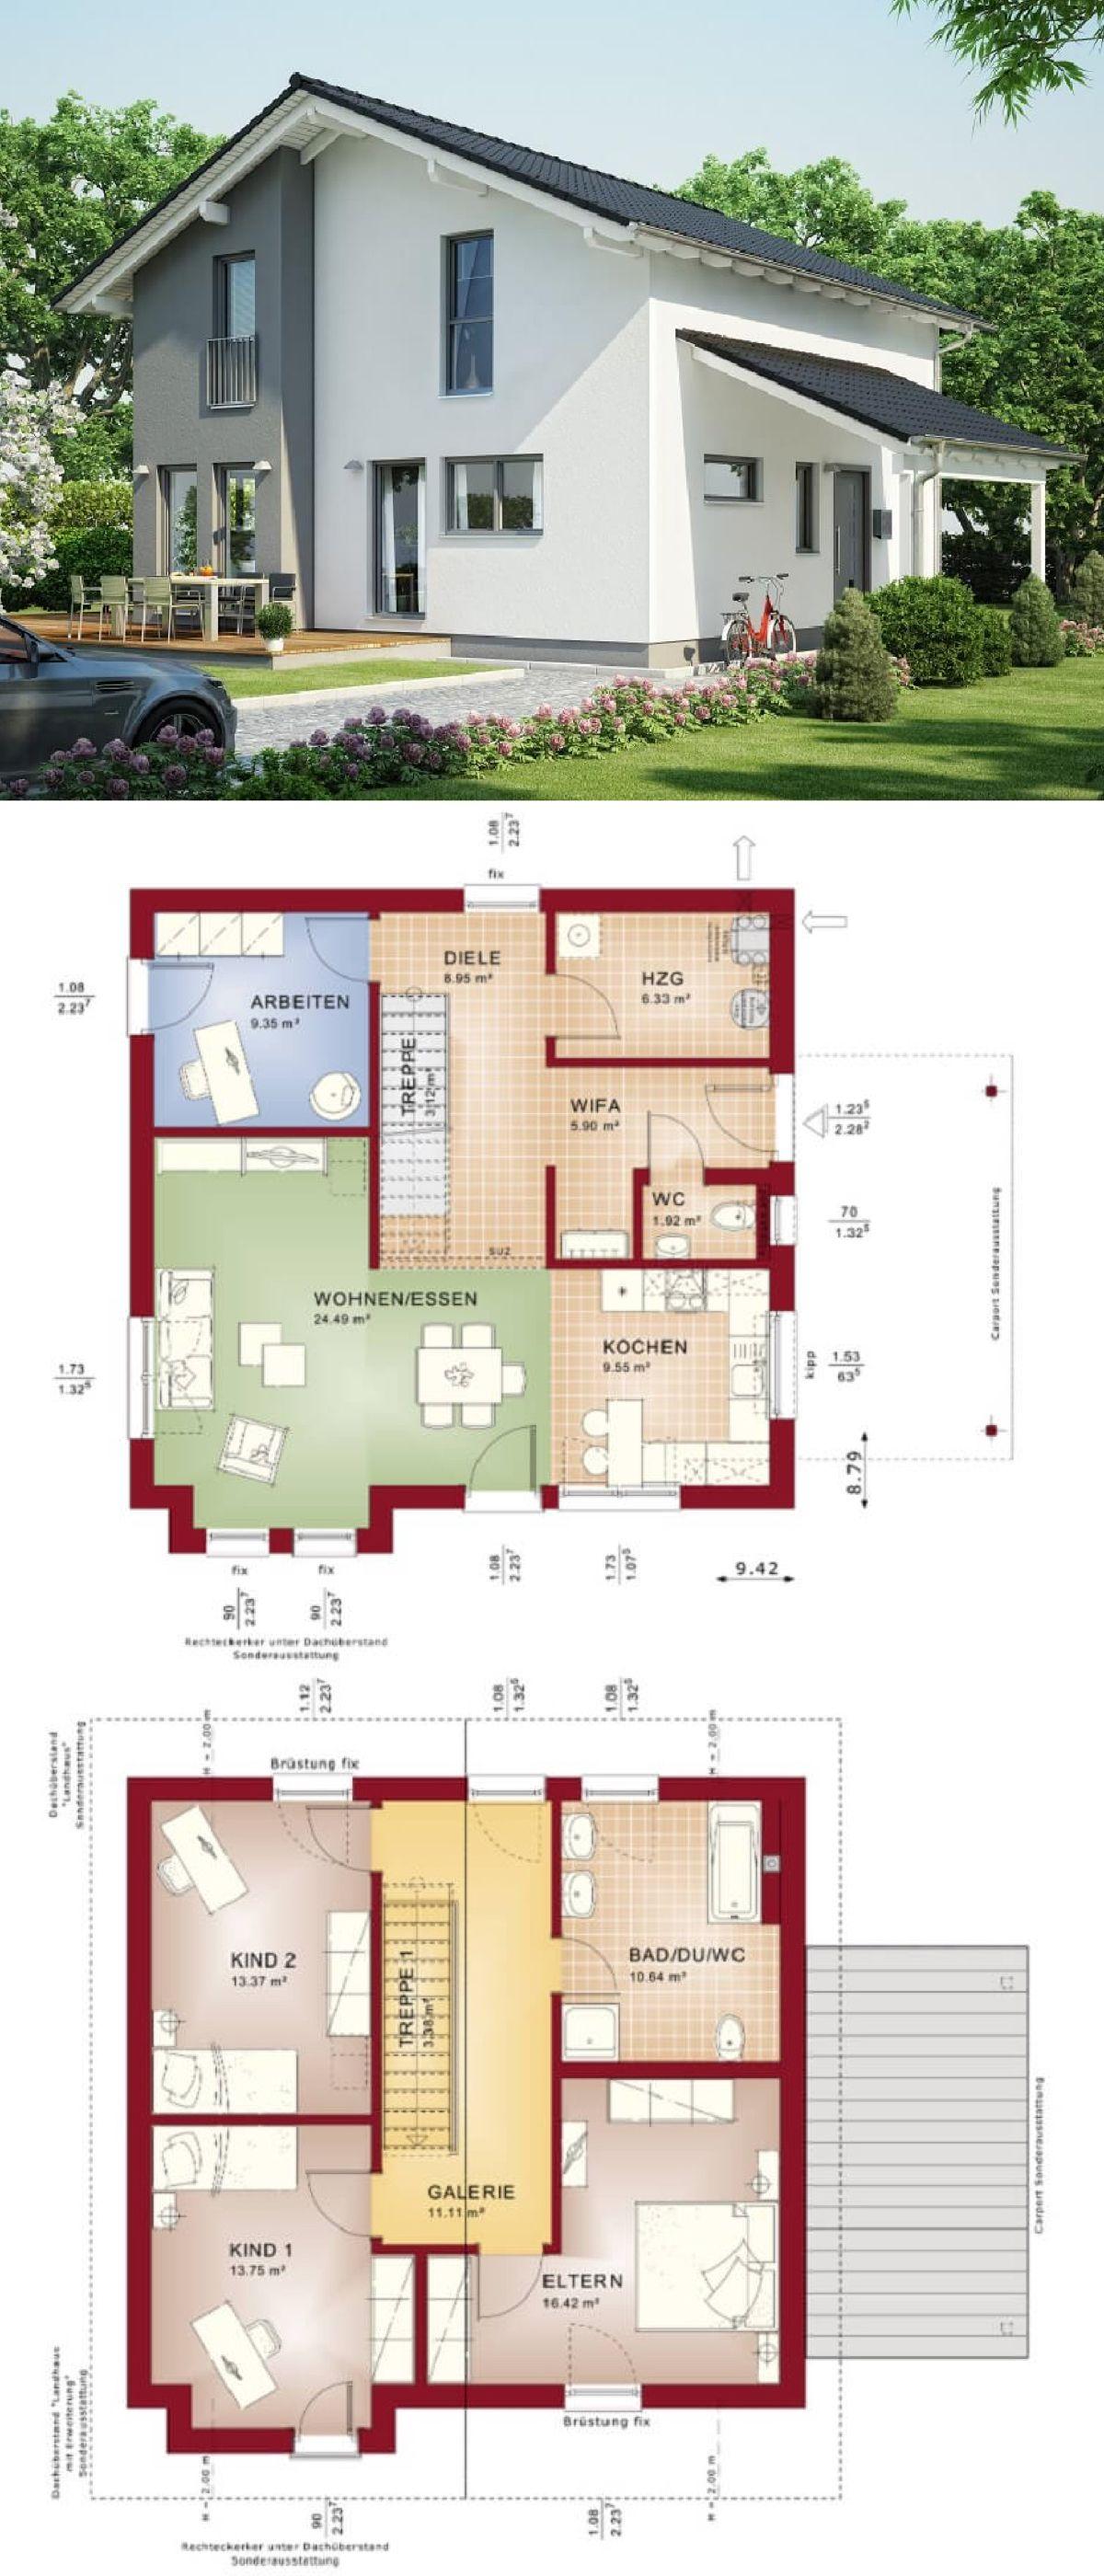 Einfamilienhaus Modern Mit Galerie U0026 Satteldach Architektur   Haus Bauen  Grundriss Fertighaus Evolution 136 V7 Bien